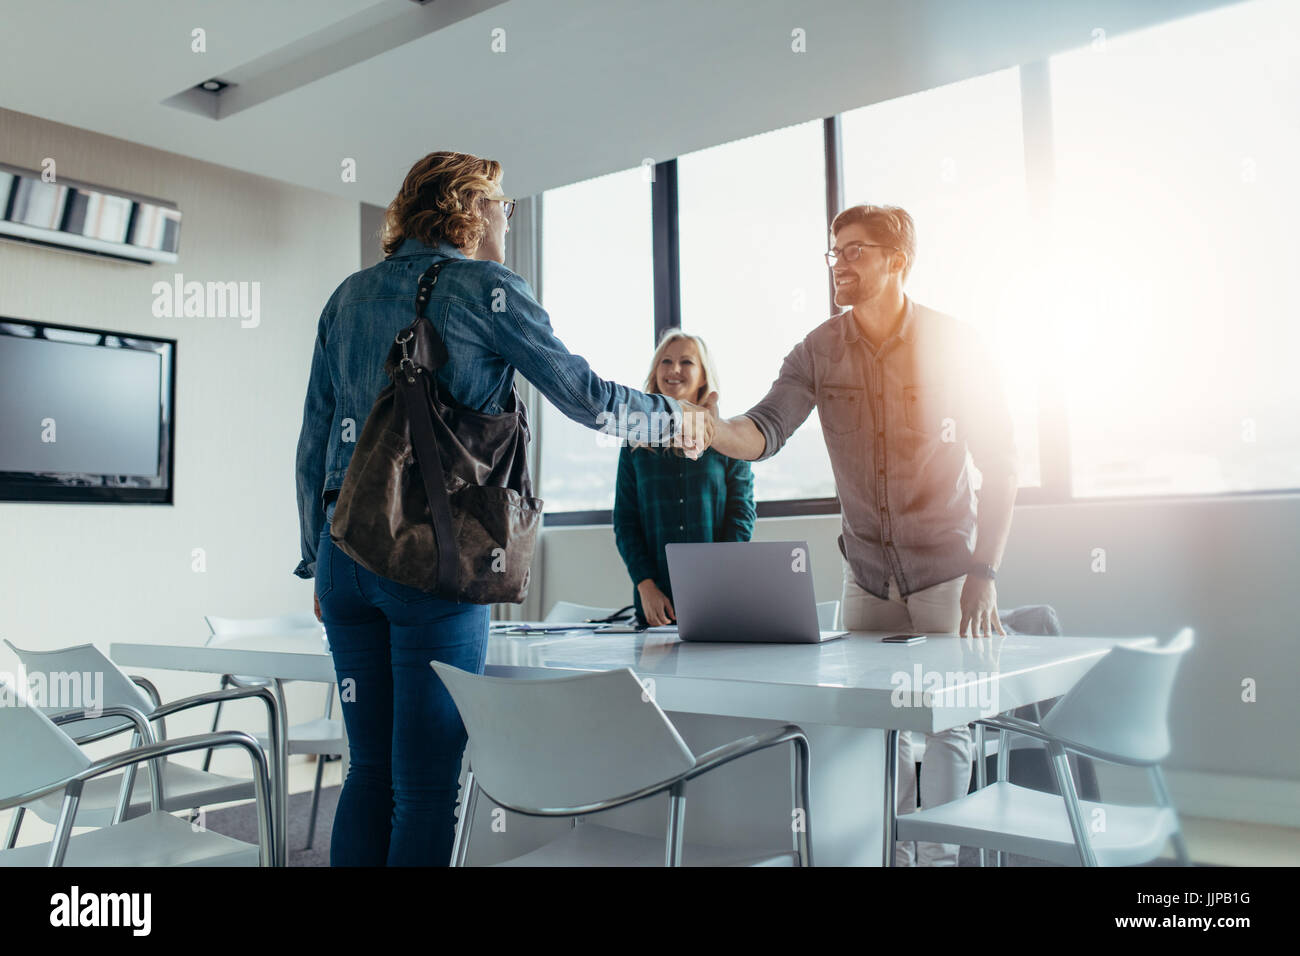 La gente di affari per finire una riunione. L uomo si stringono la mano con la femmina client dopo il successo. Immagini Stock